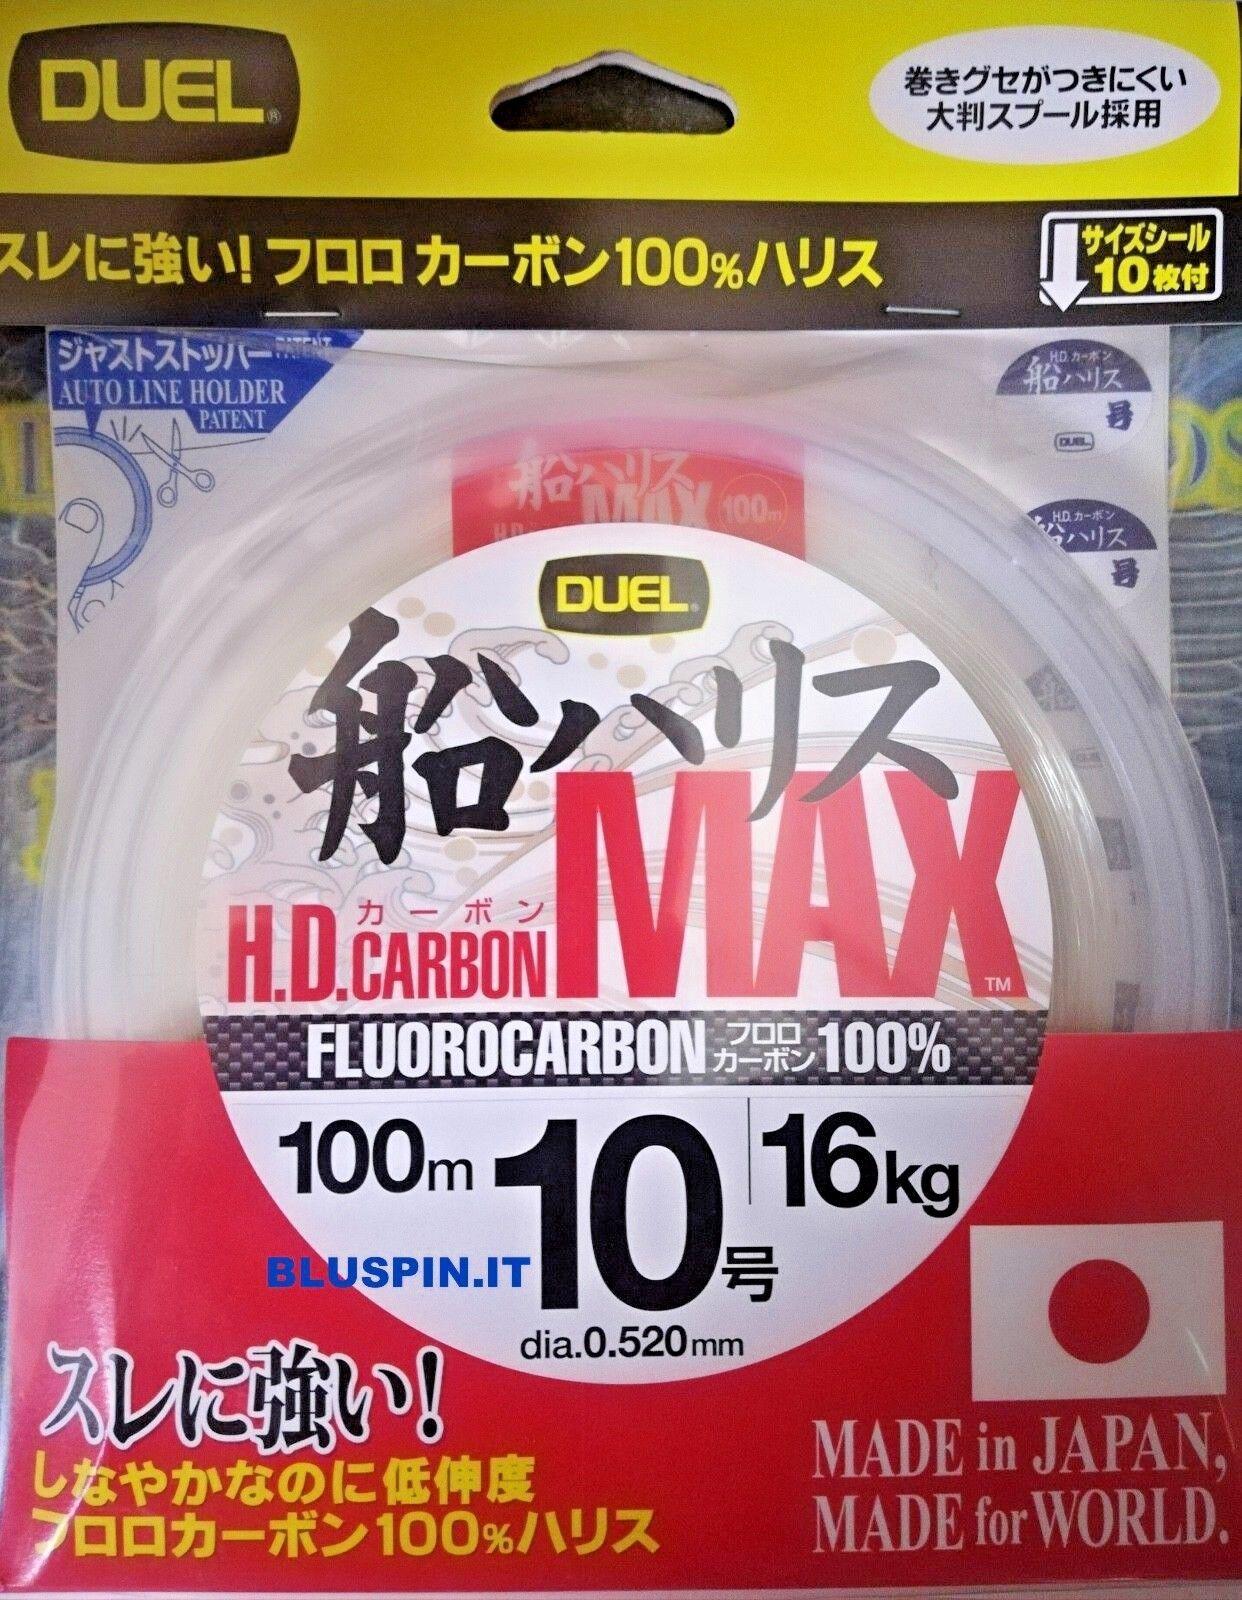 DUEL HD CARBON MAX  FLUgoldCARBON 100%  100m dia.10 0.520mm 16kg JAPAN